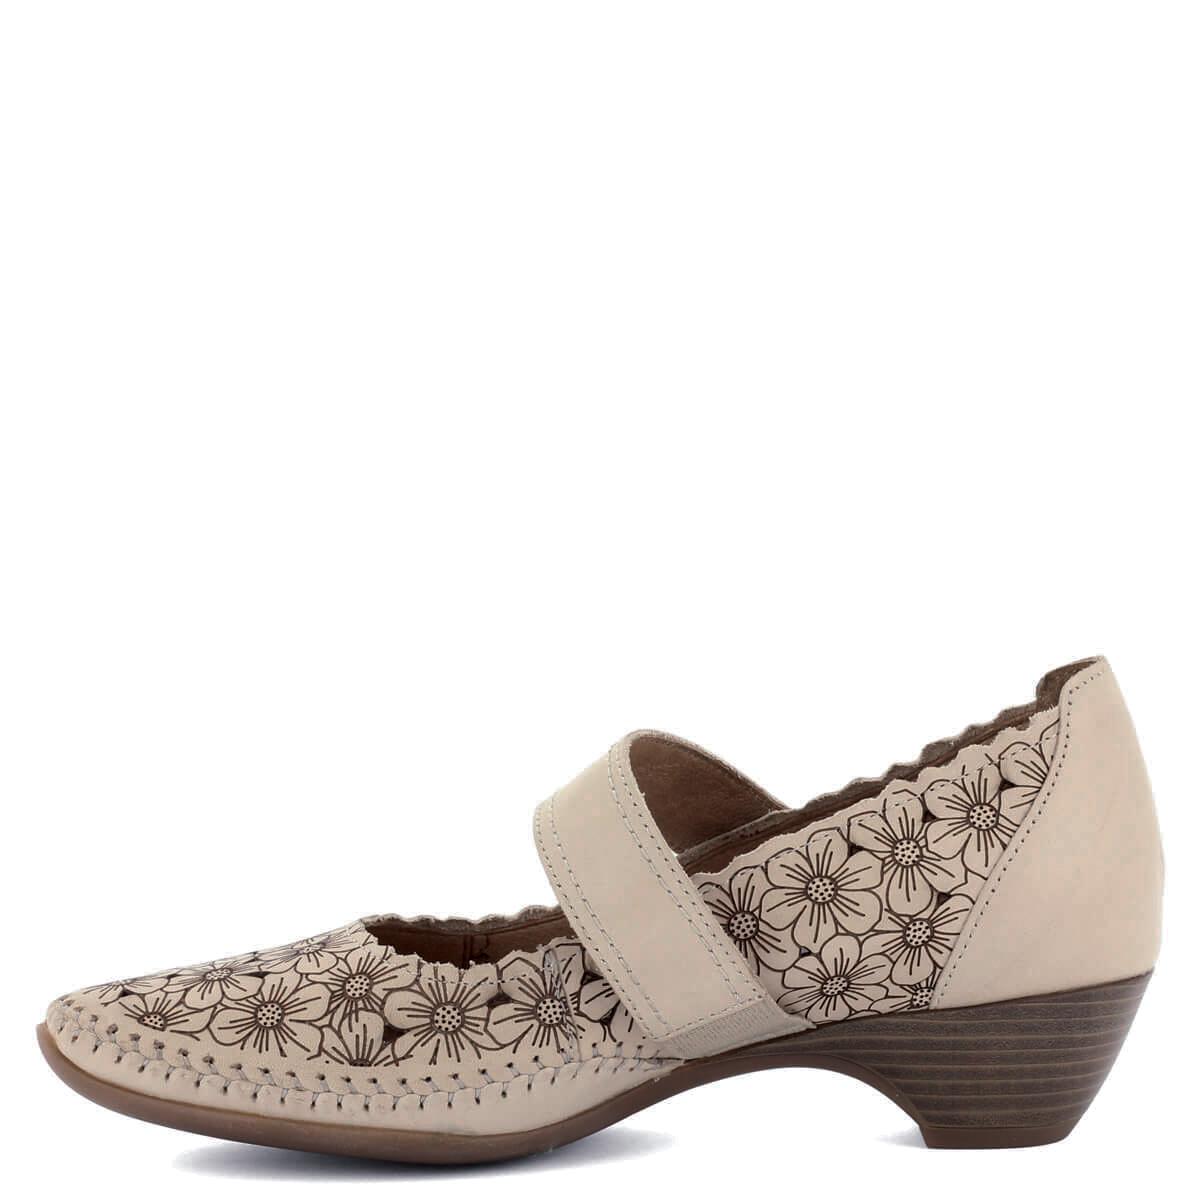 Jana pántos bőr cipő H szélességű talppal, tépőzáras pánttal